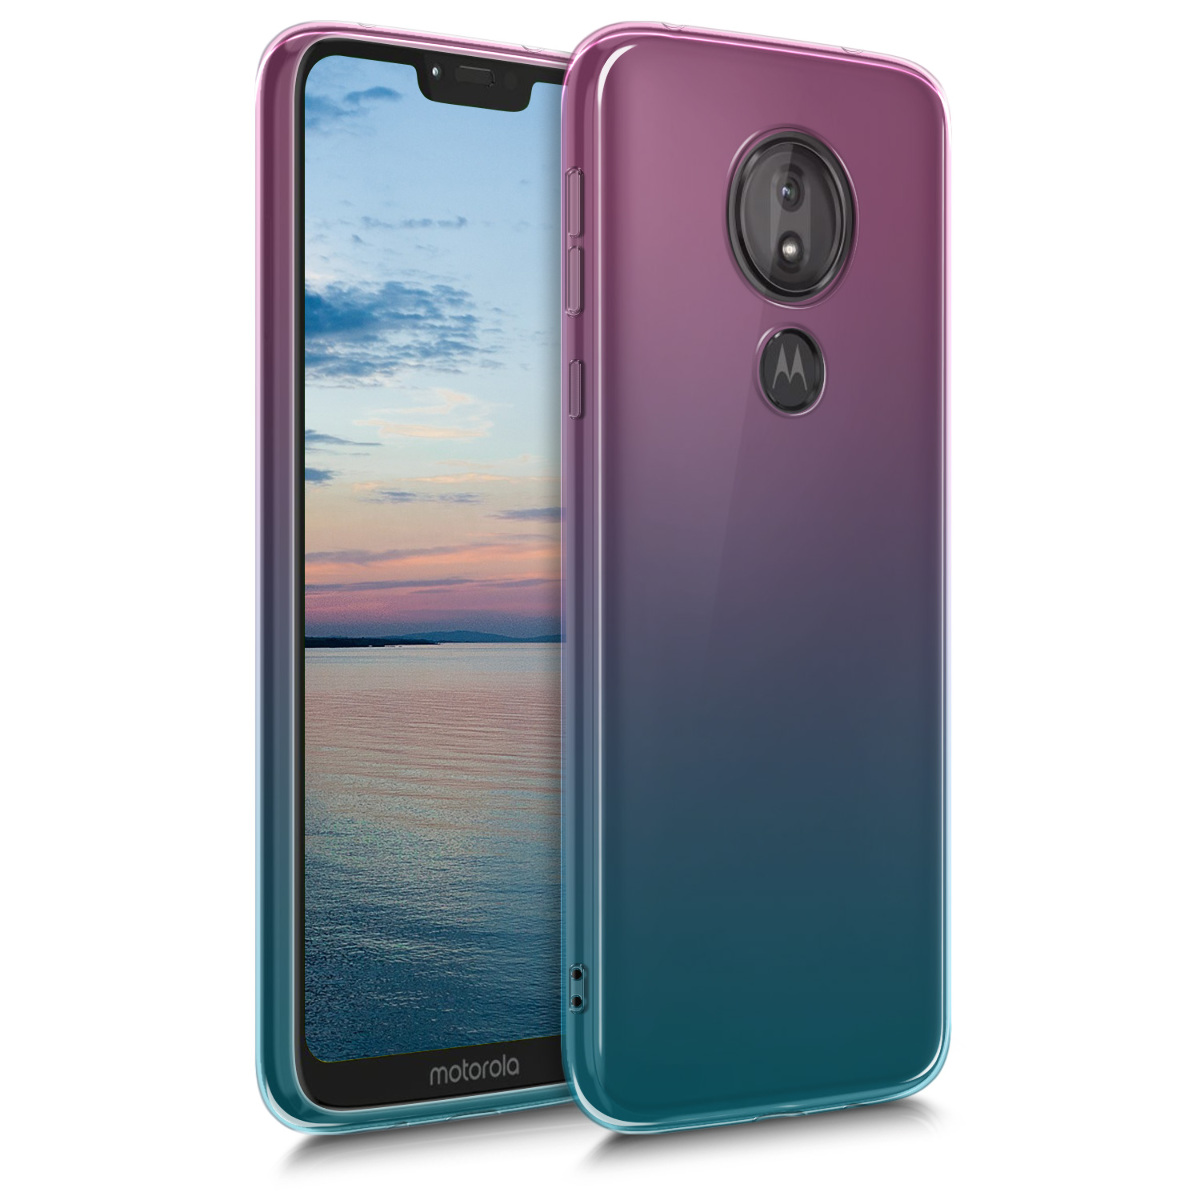 Kvalitní silikonové TPU pouzdro | obal pro Motorola Moto G7 Power - Dvoubarevný tmavě růžový / modrý / průhledný